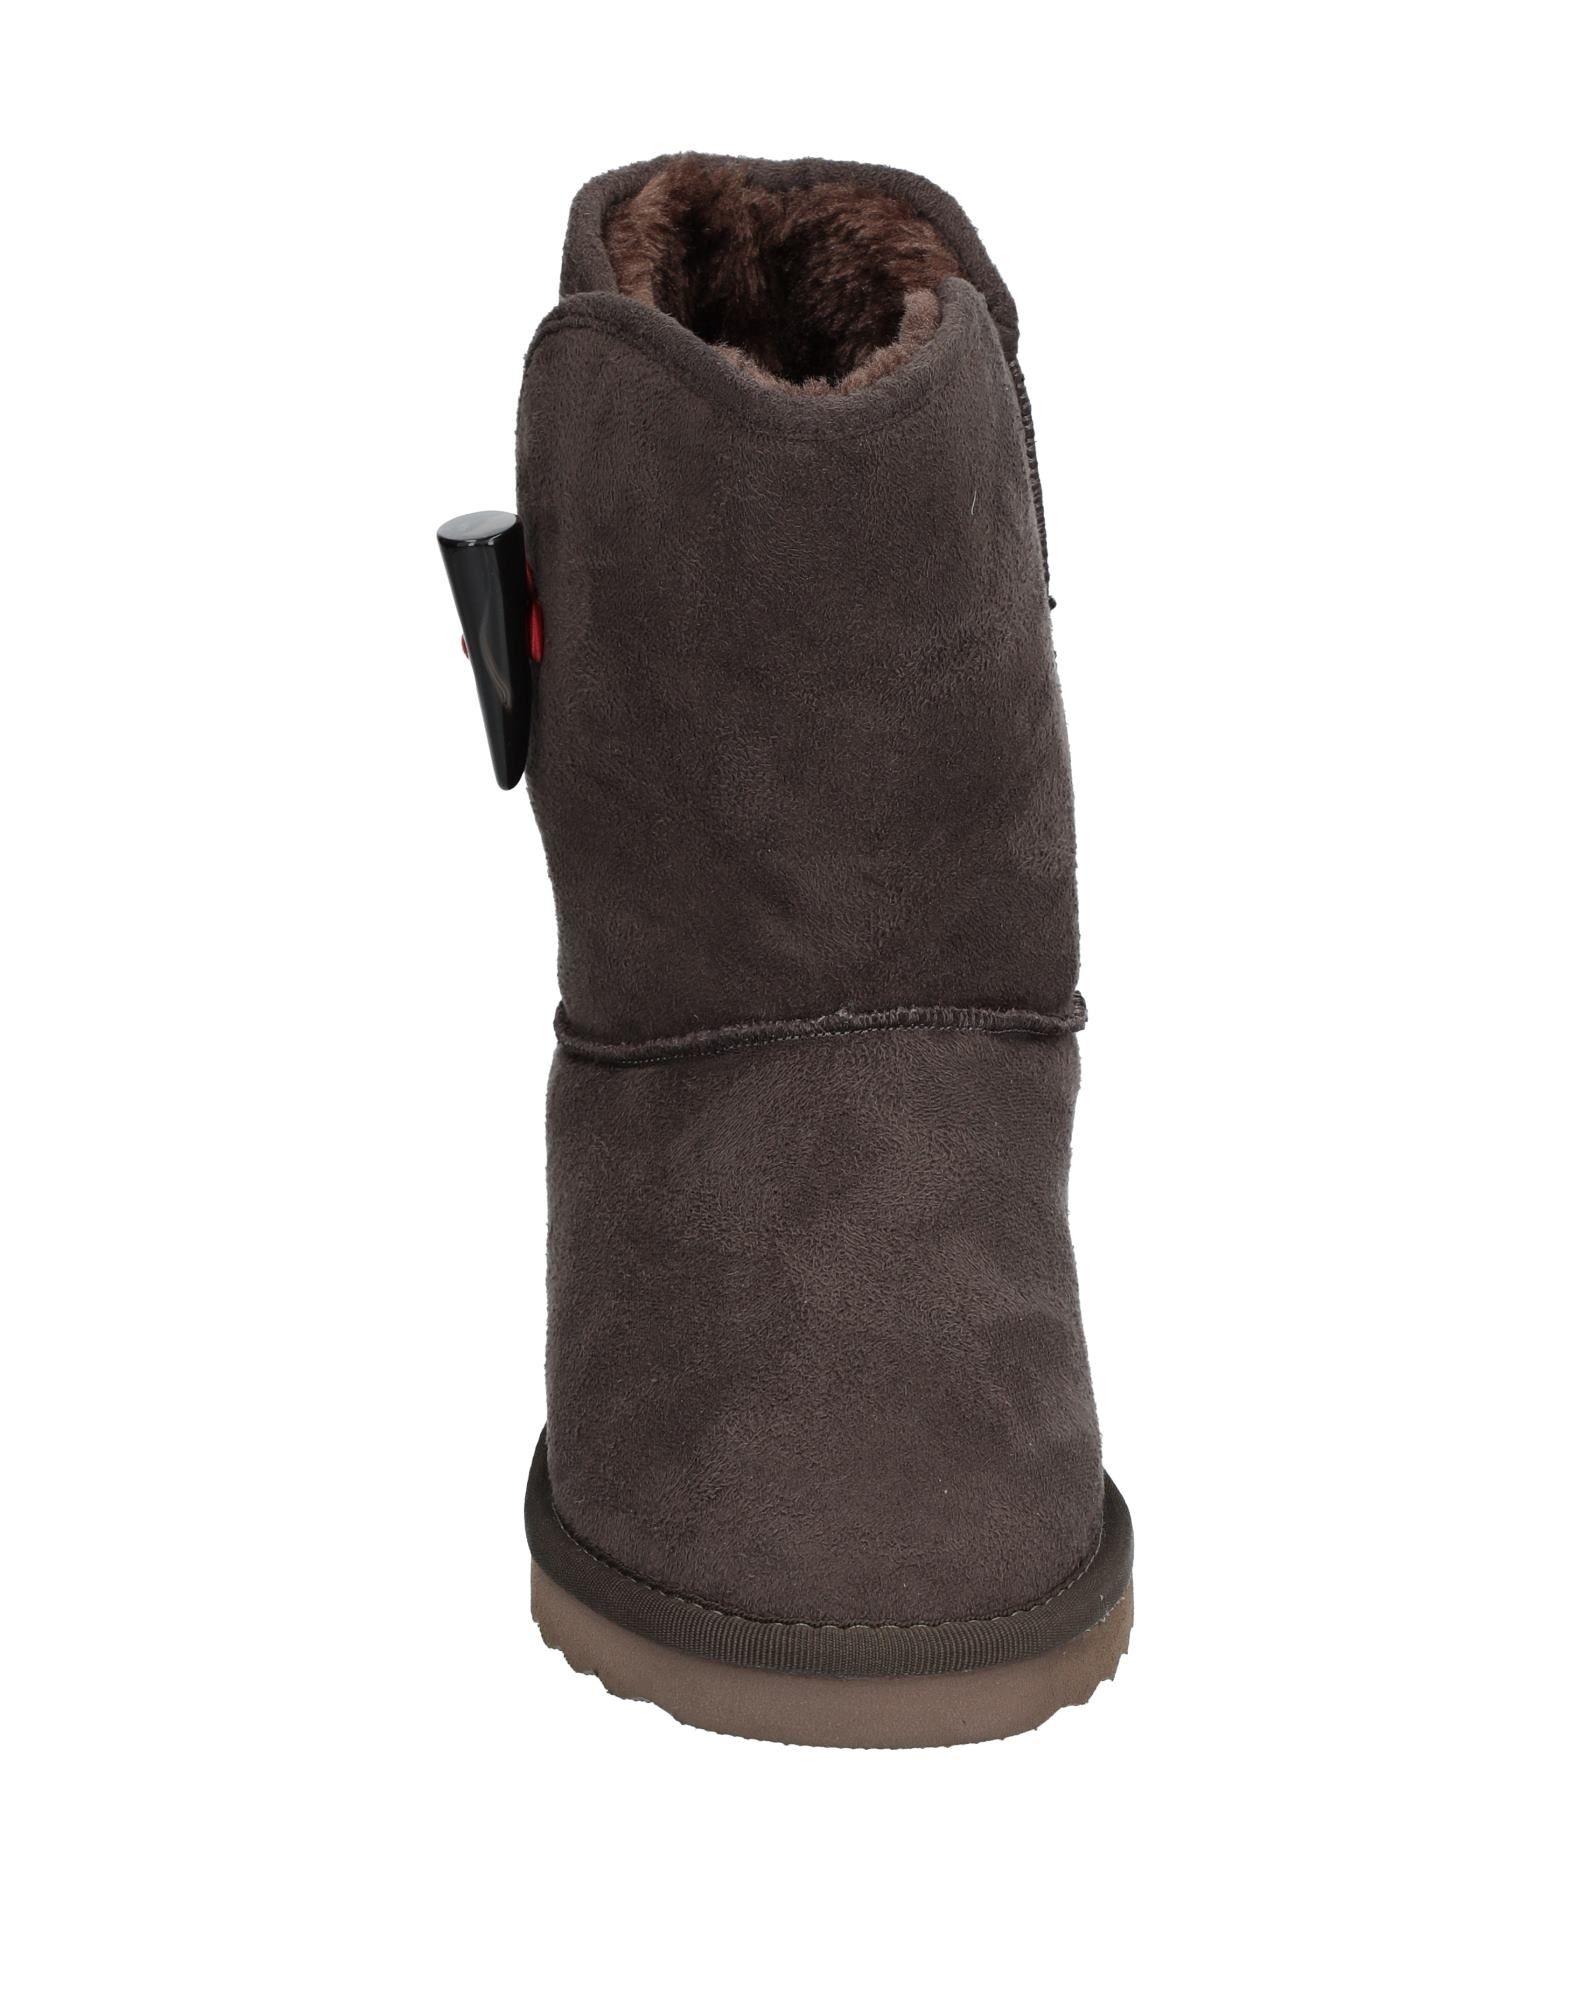 Love Moschino 11533637VIGut Stiefelette Damen  11533637VIGut Moschino aussehende strapazierfähige Schuhe 89b16b